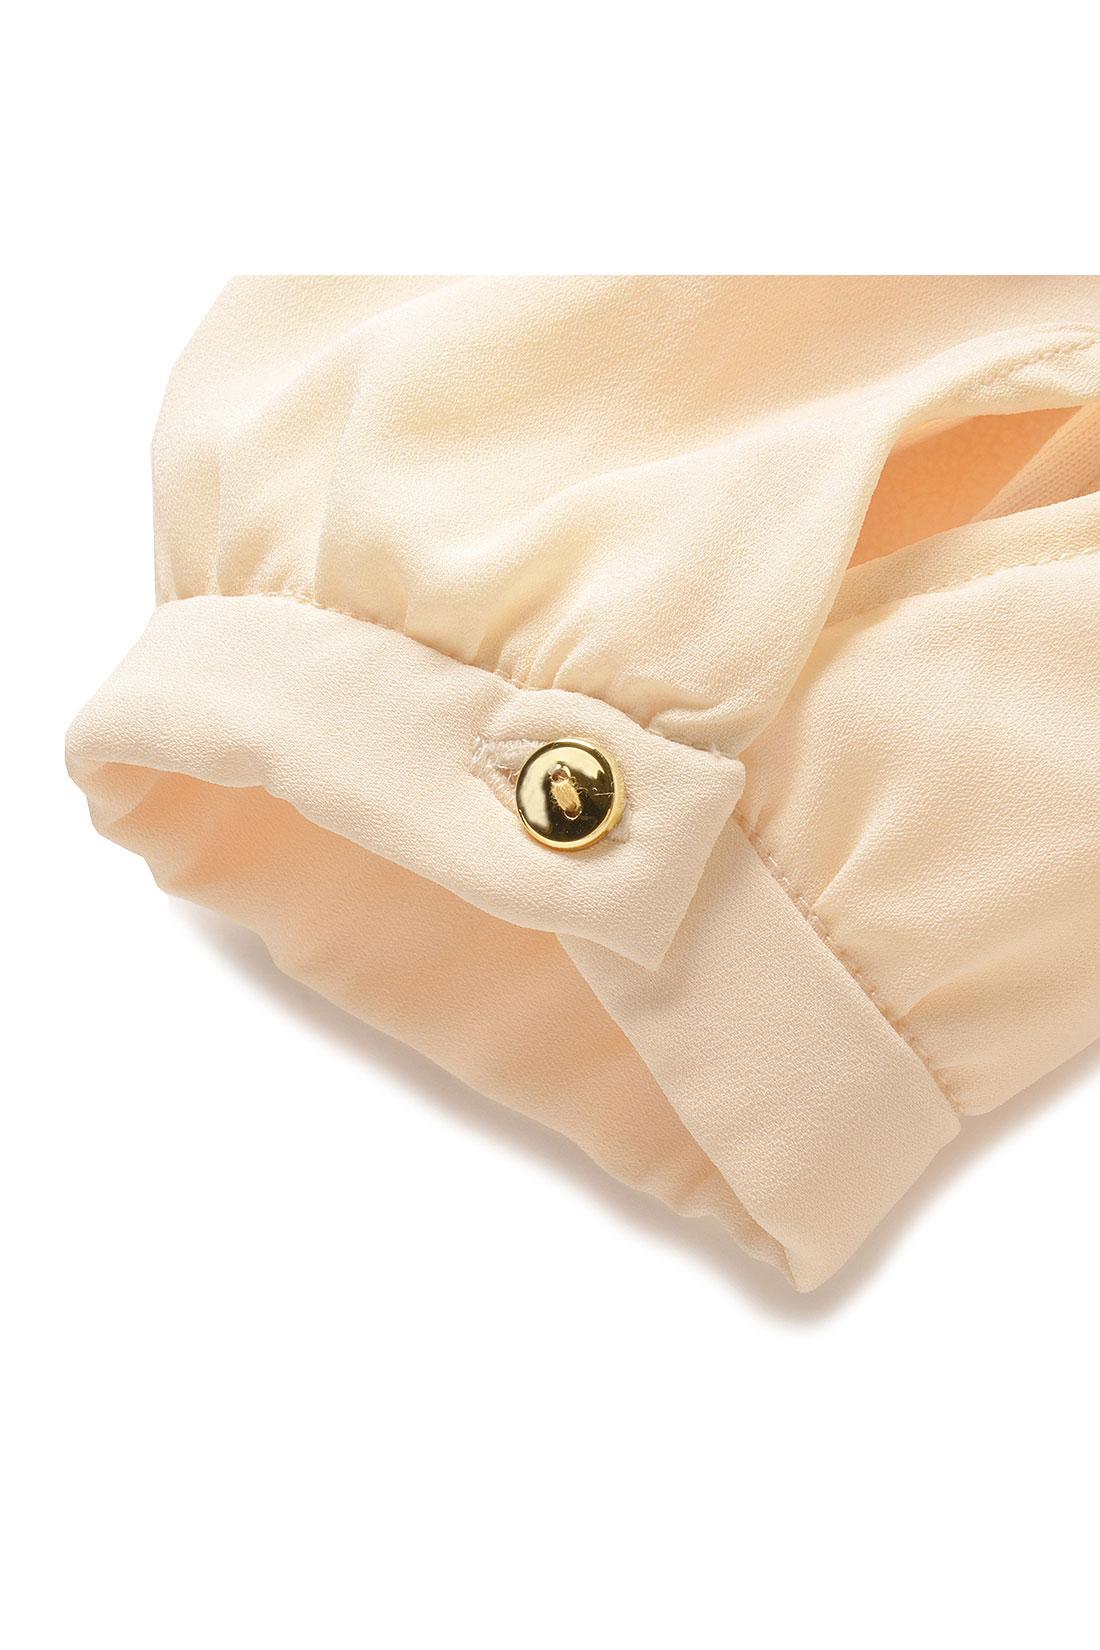 袖口のボタン。